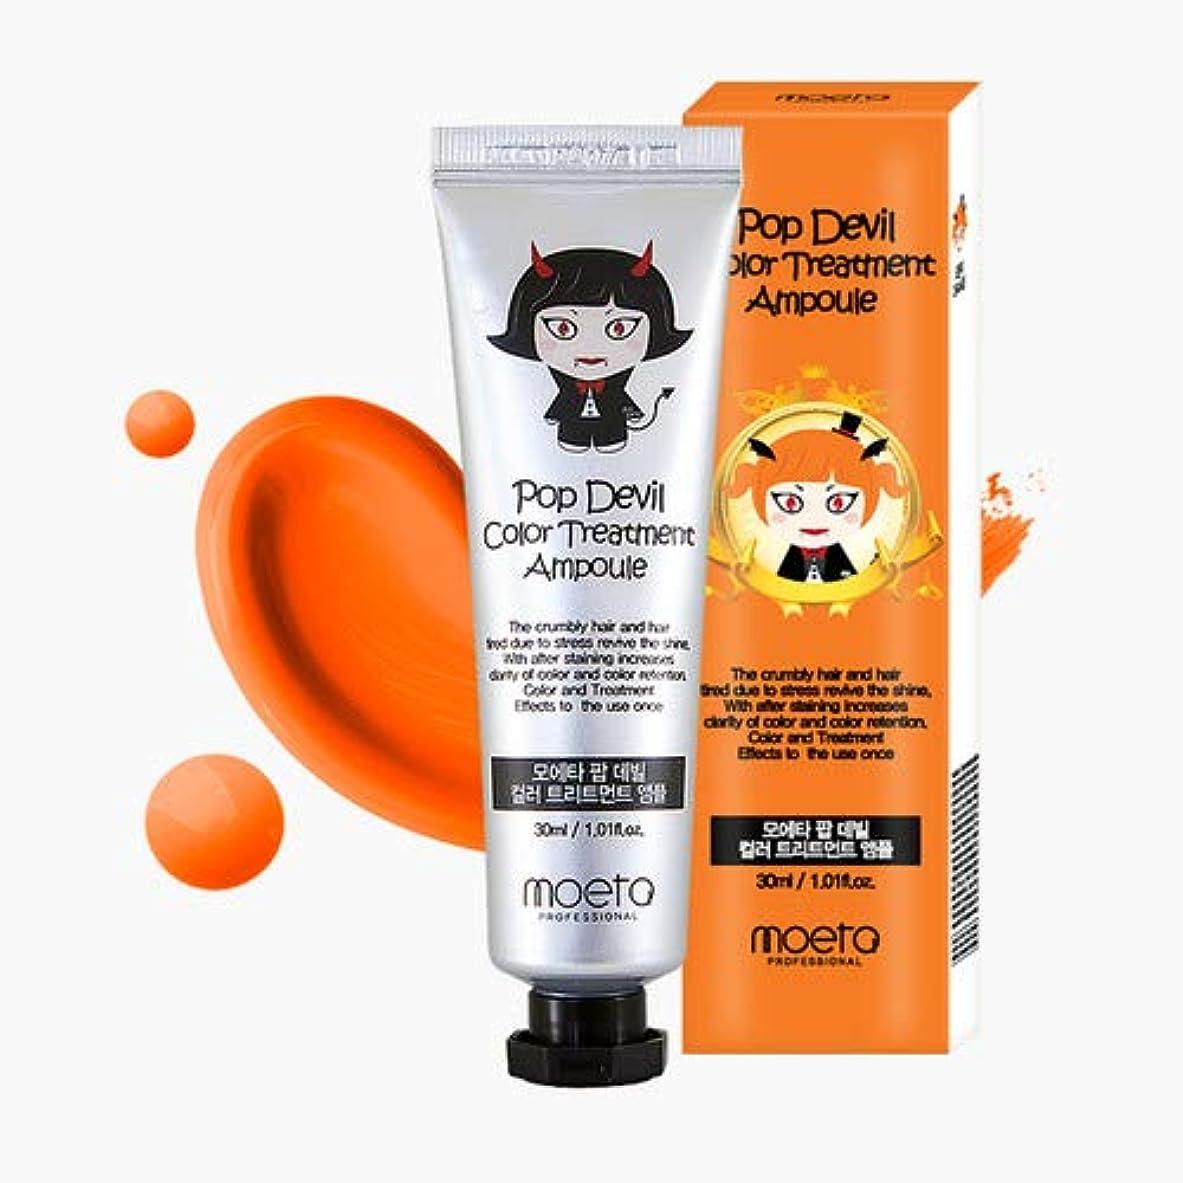 保護するアトムソケットMoeta  ポップ デビル カラートリートメント アンプル / Pop Devil Color Treatment Ampoule (30ml) (オレンジ) [並行輸入品]